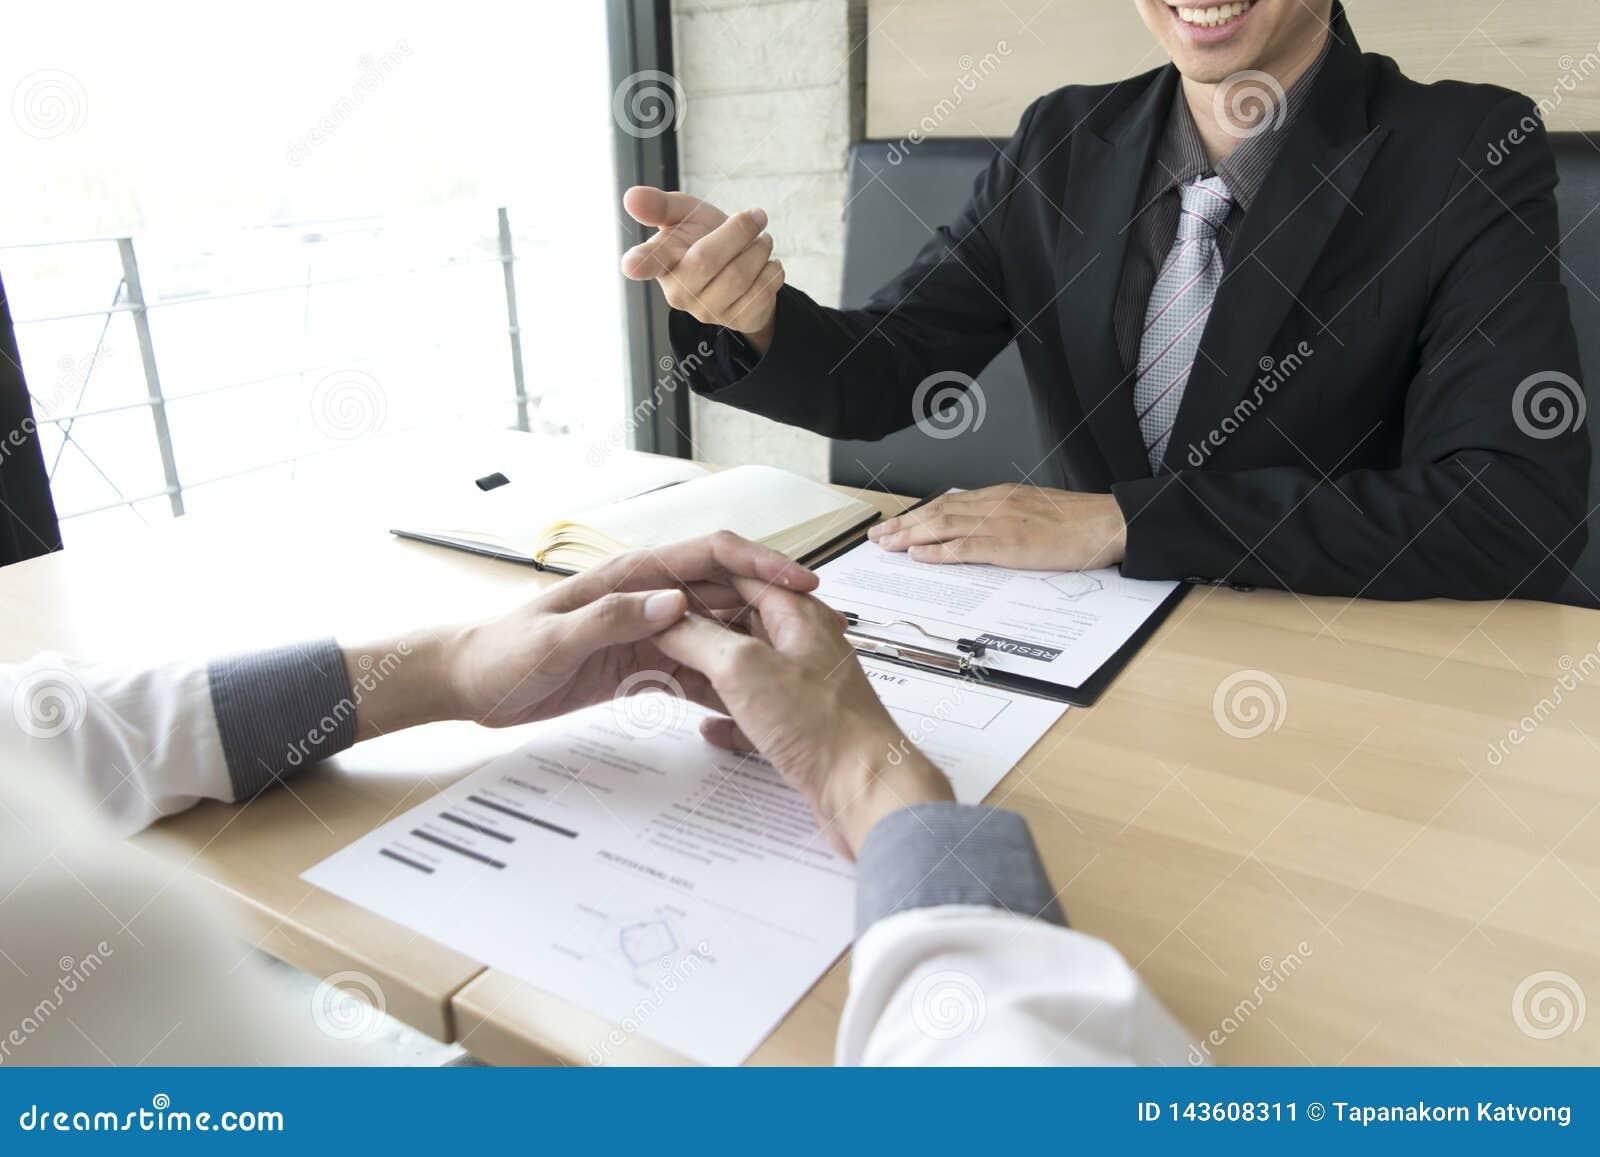 Unga män intervjuas av arbetsgivare Arbetsgivaren bär en svart dräkt som förklarar platsansökan